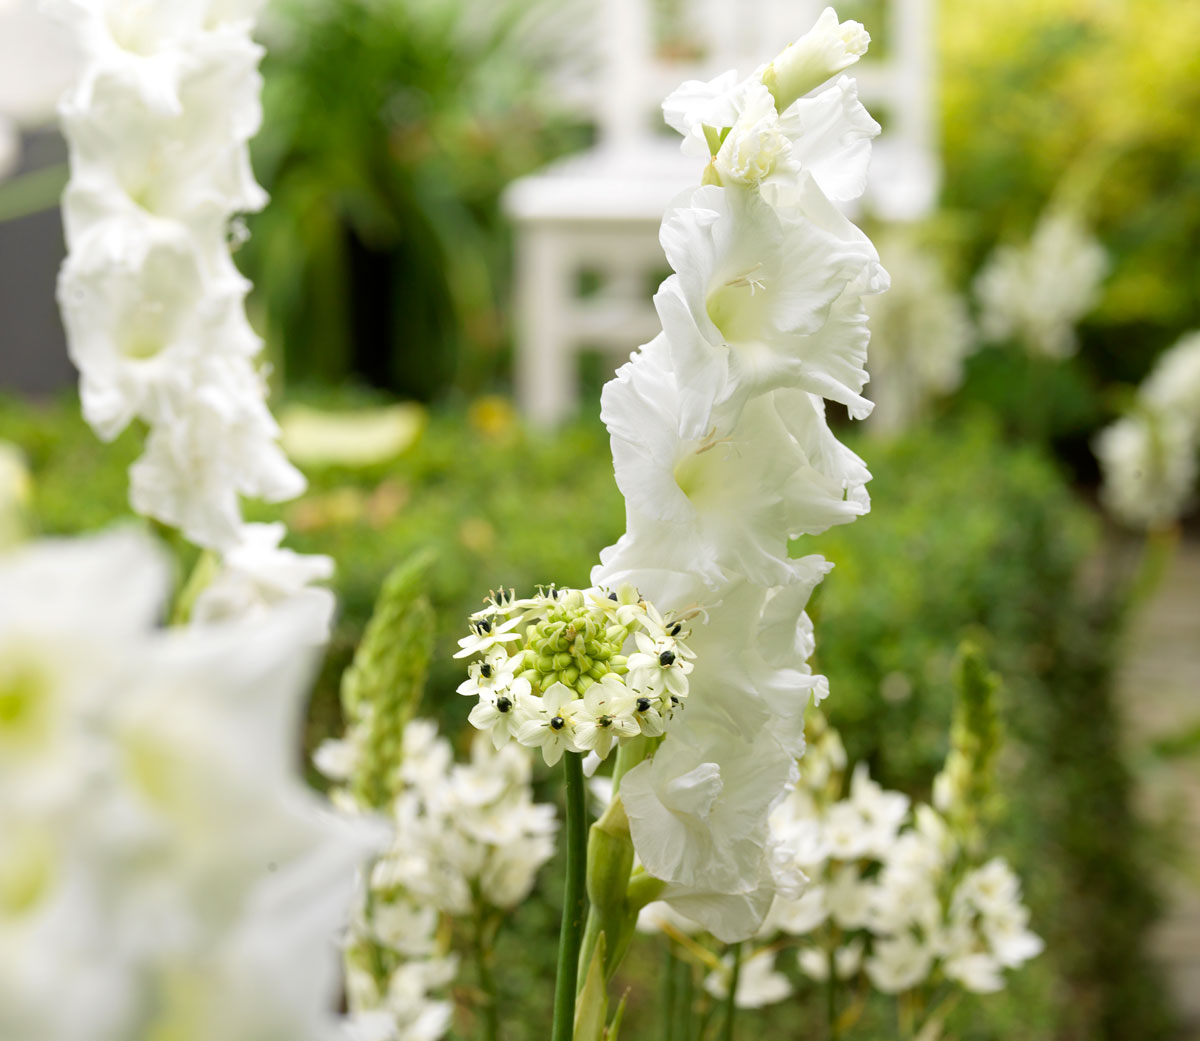 Fiori A Palla Nome.Fiori Bianchi La Luminosita Del Bianco In Giardino